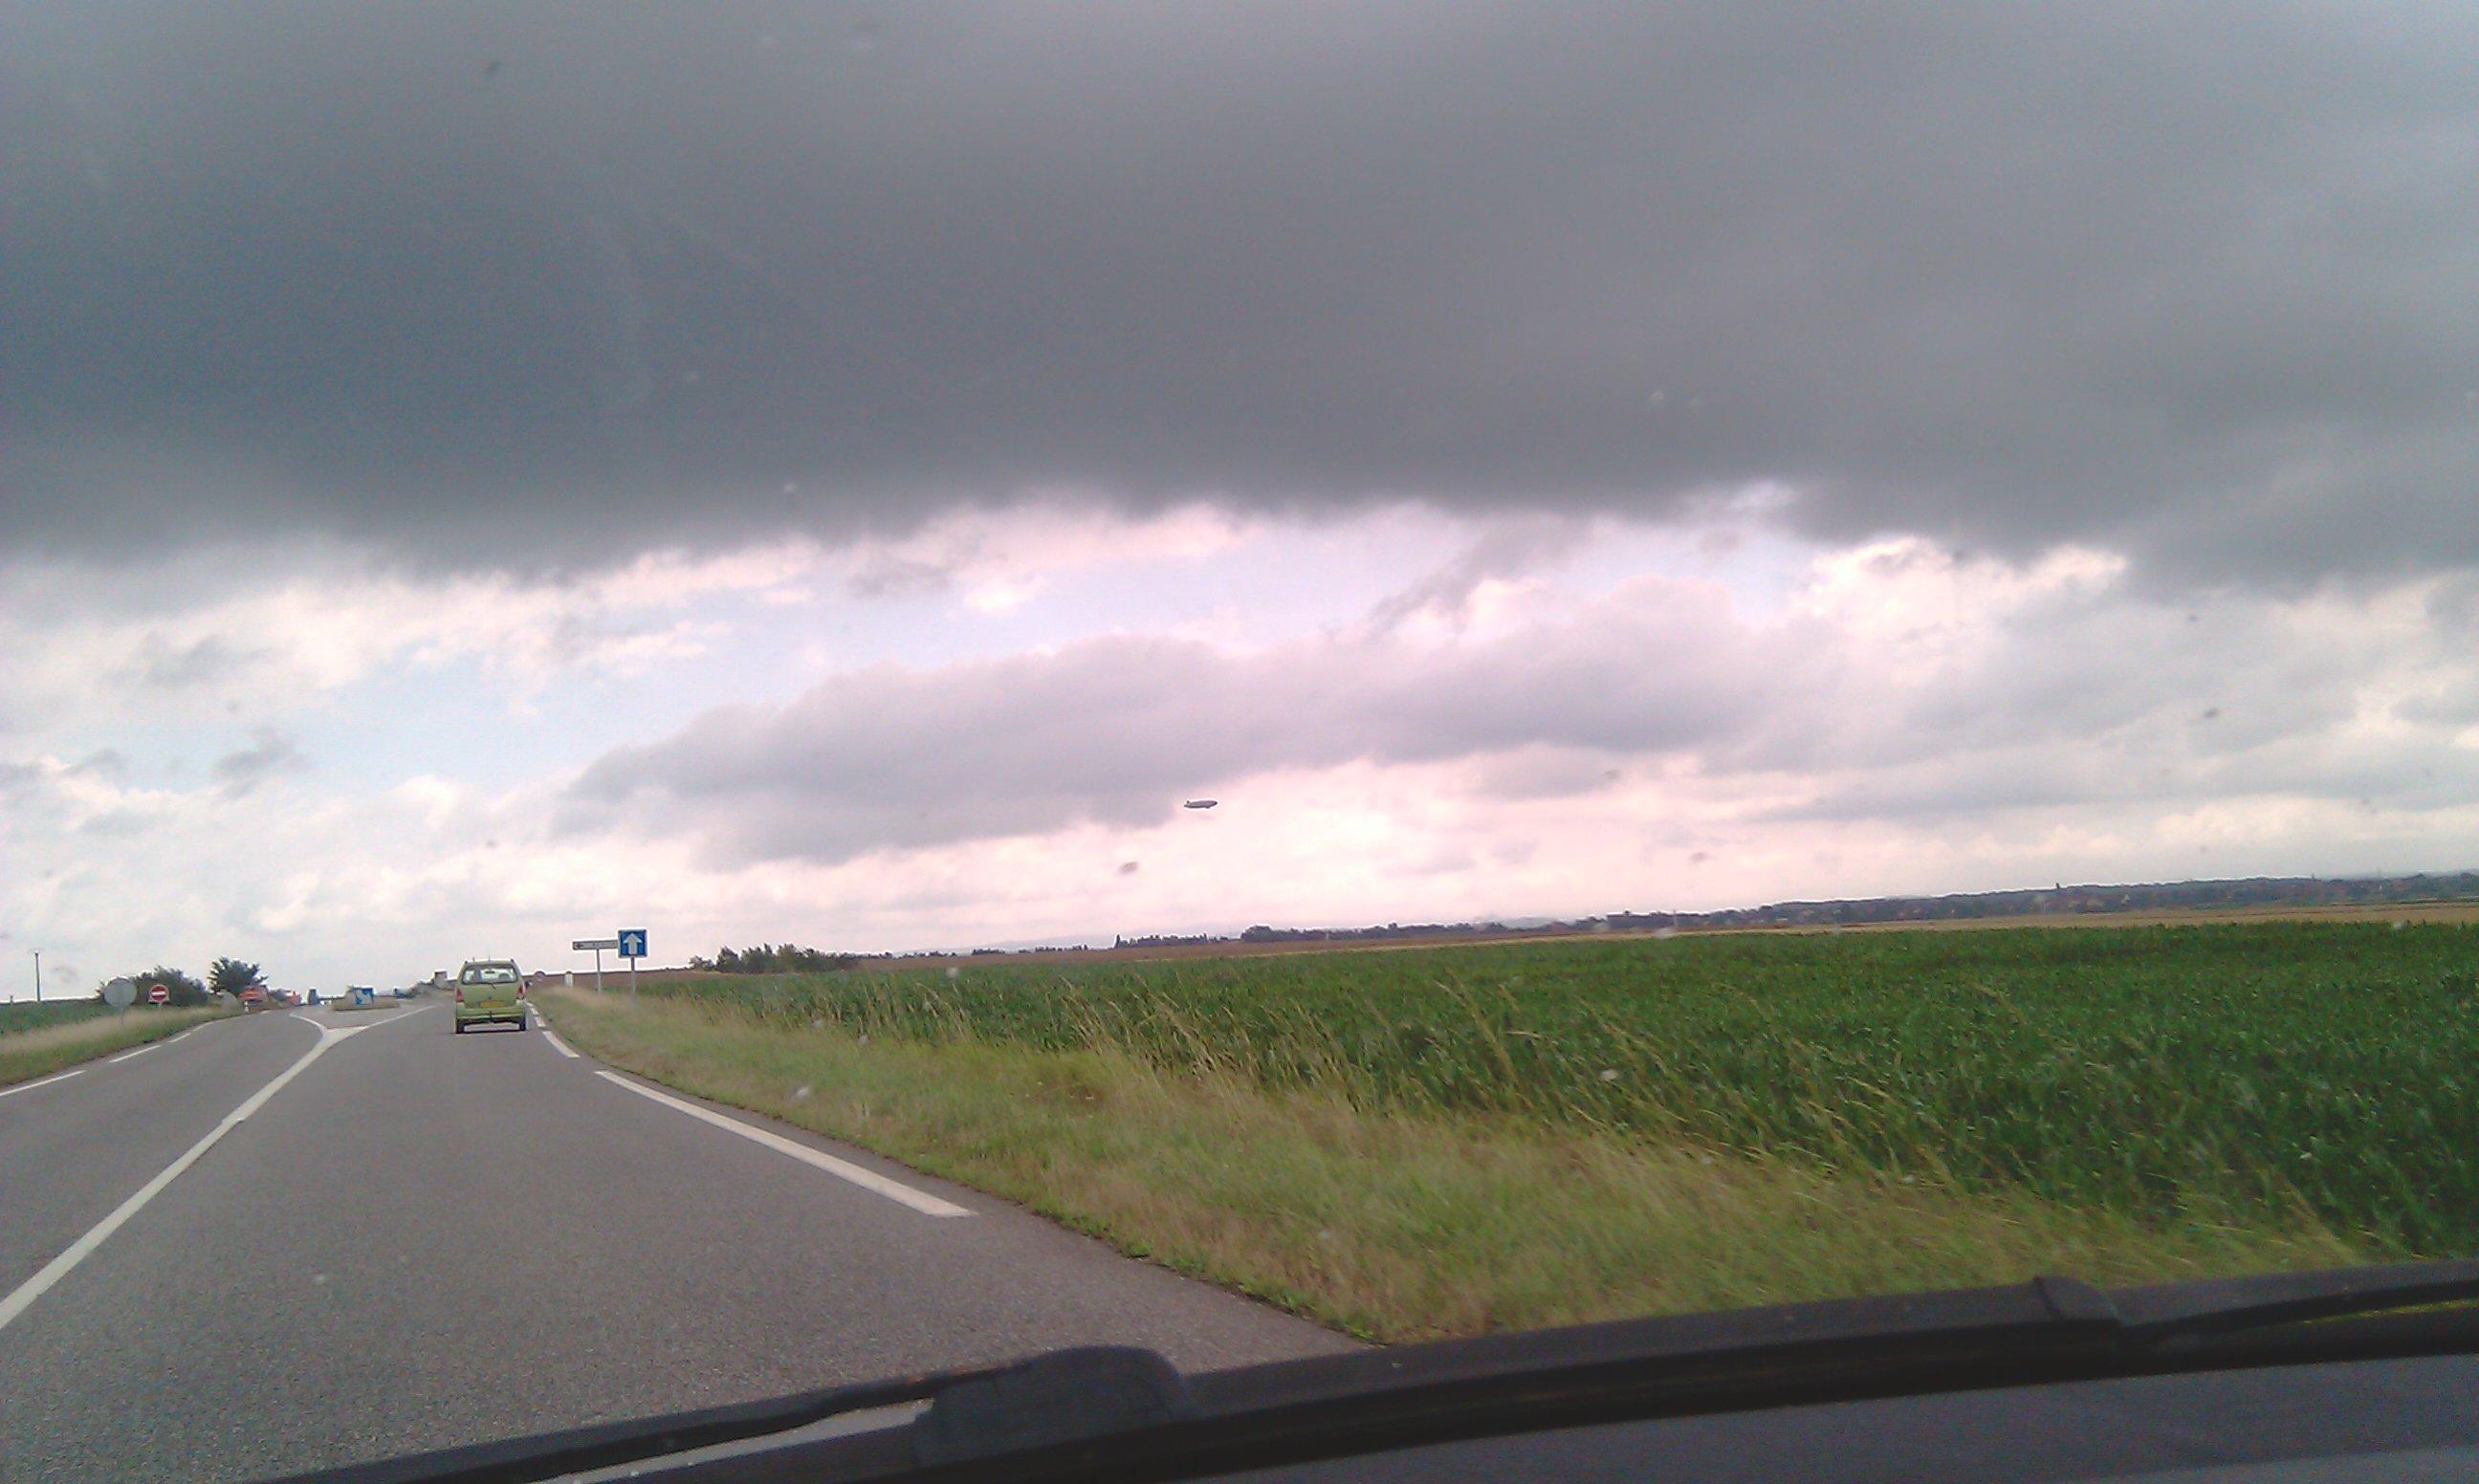 2014: le 03/11 à 13h56 - Un phénomène ovni insolite -  Ovnis à Saverne - Bas-Rhin (dép.67) 717796photospe004